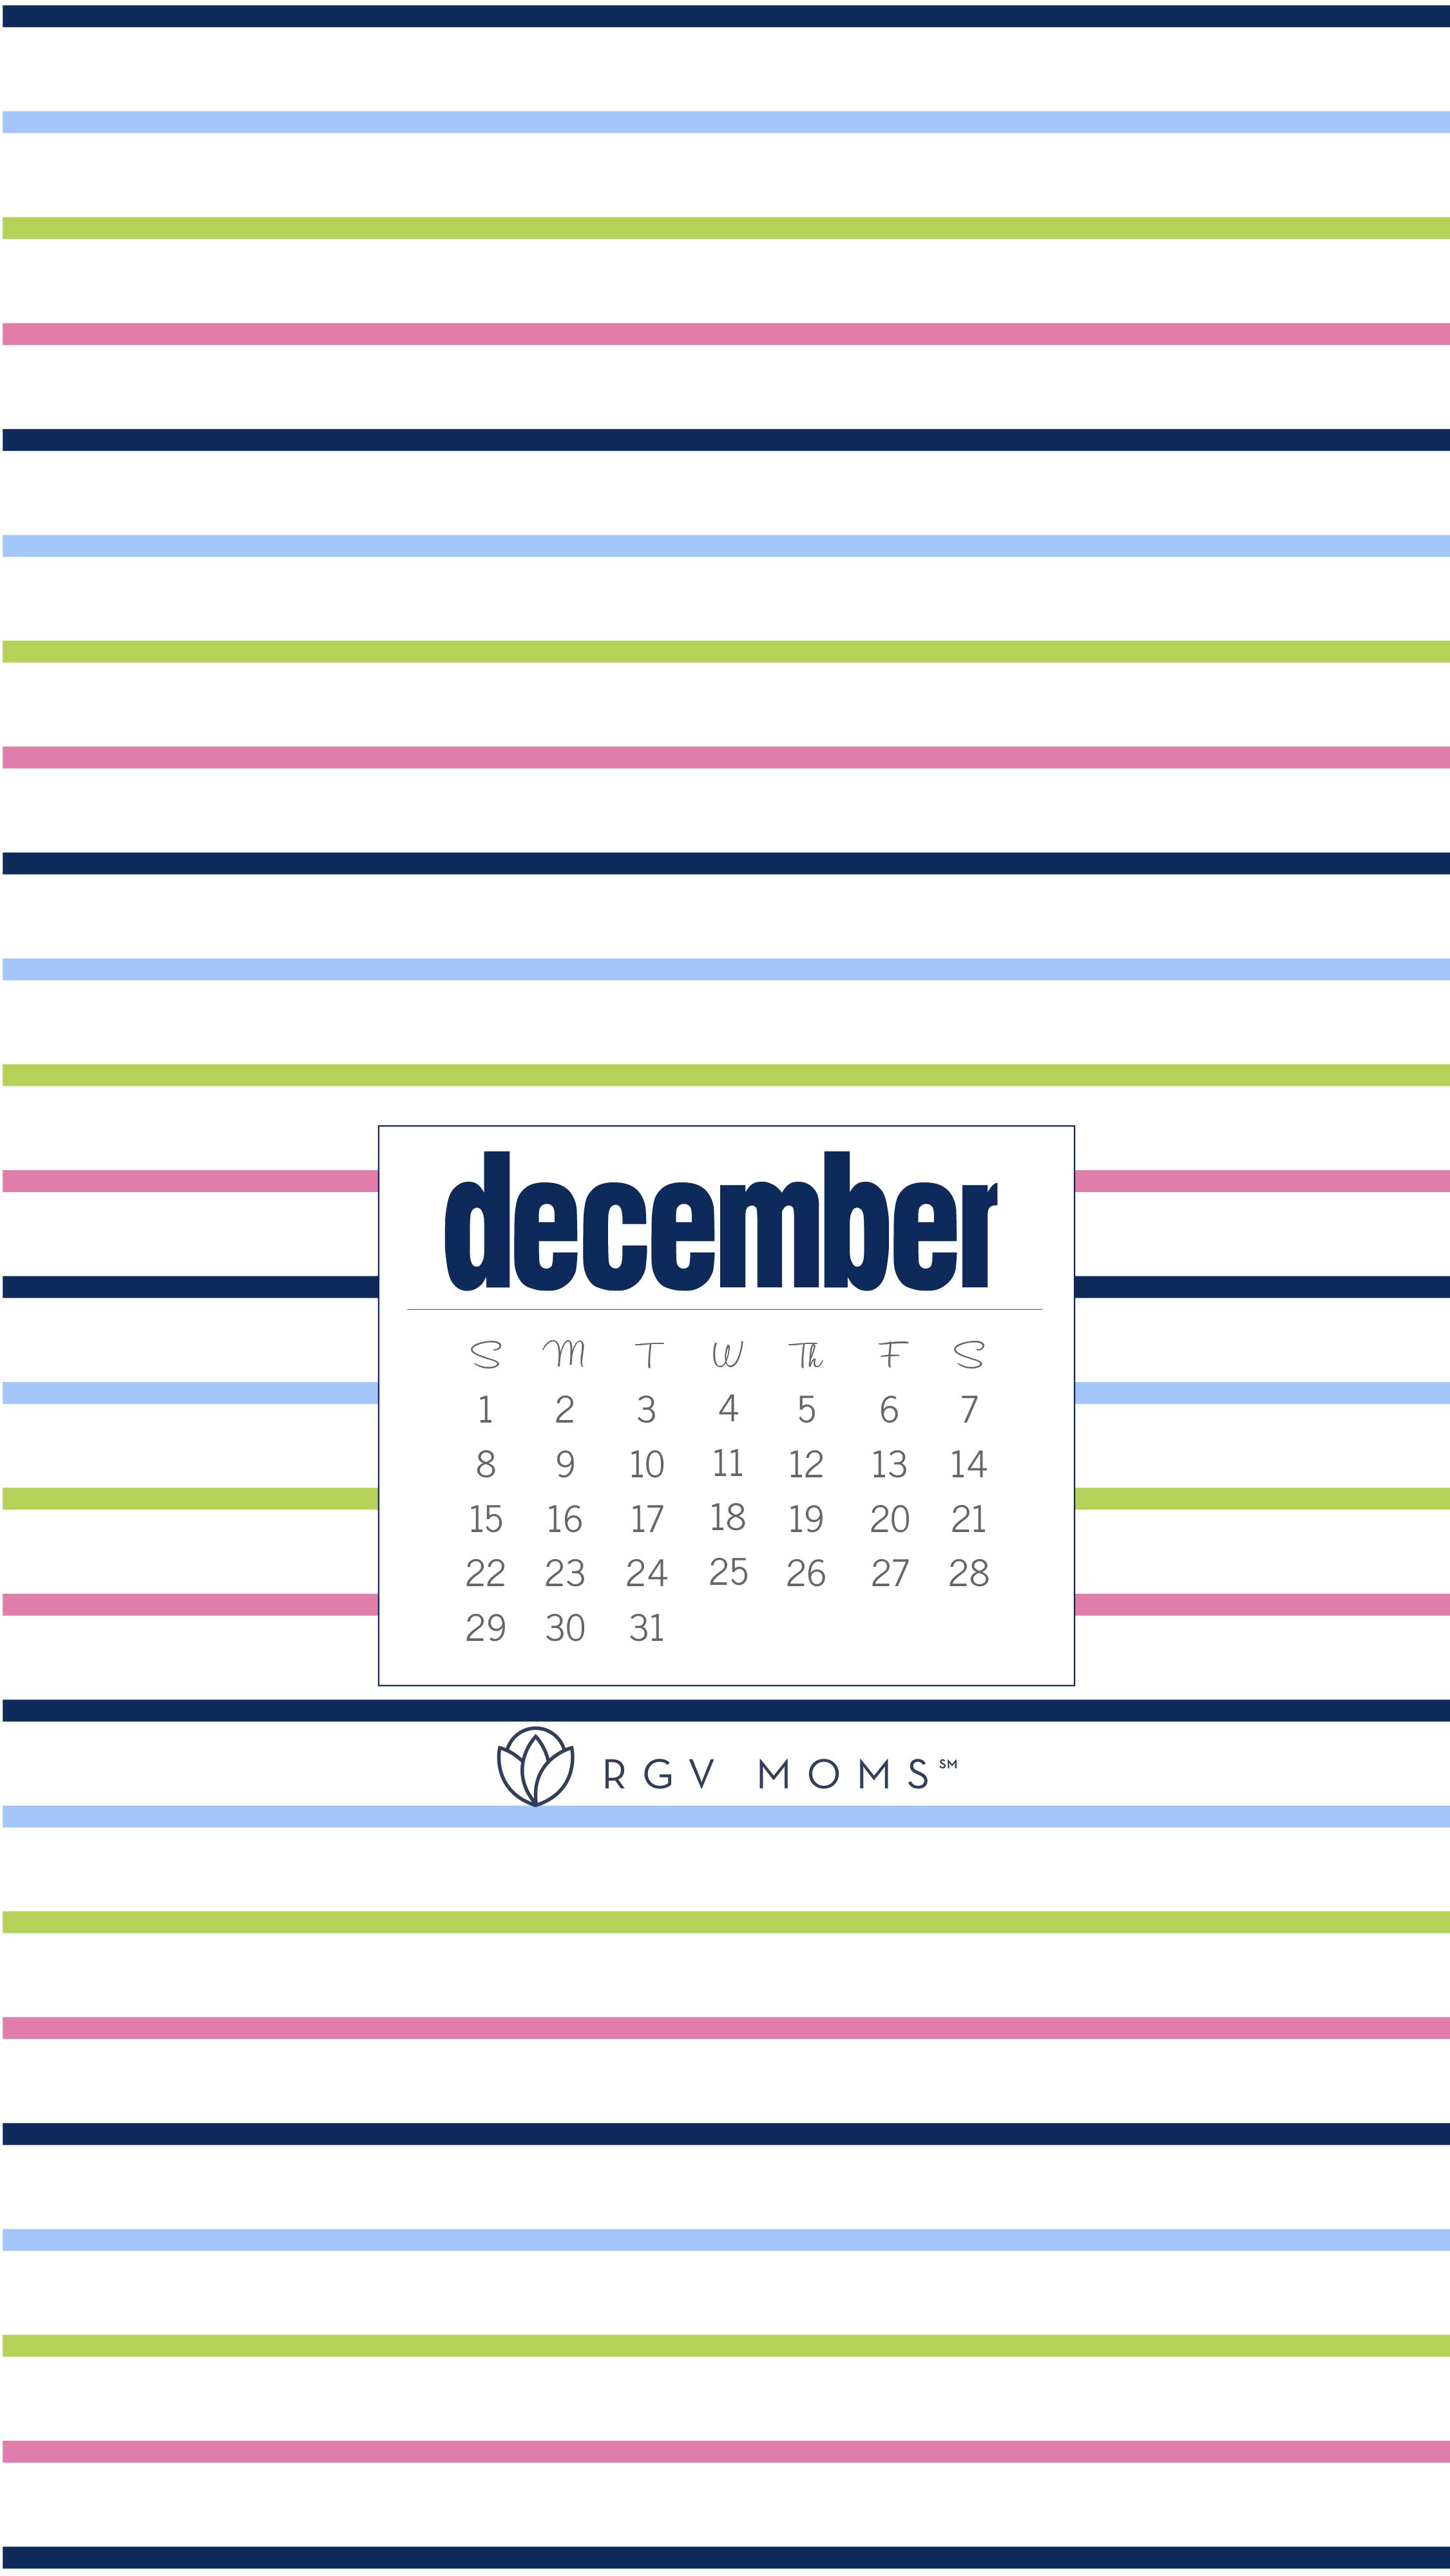 December 2019 Calendar Download Stripes